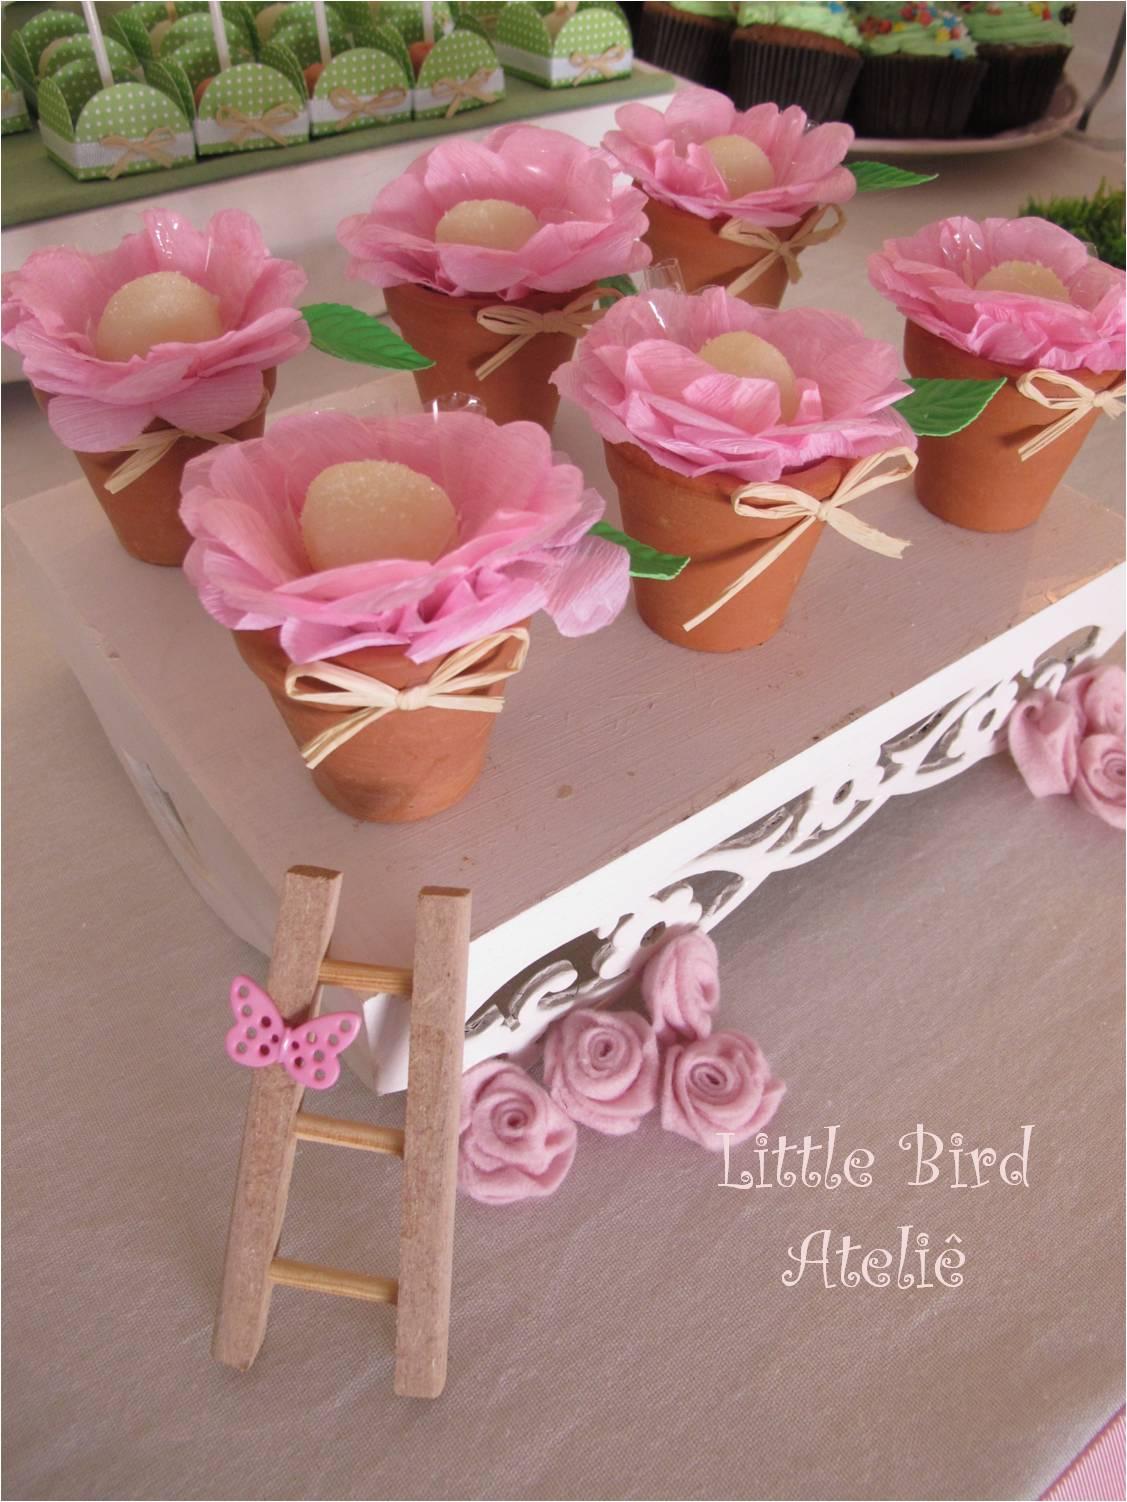 Little Bird Ateliê Festa Jardim das Borboletas da Duda